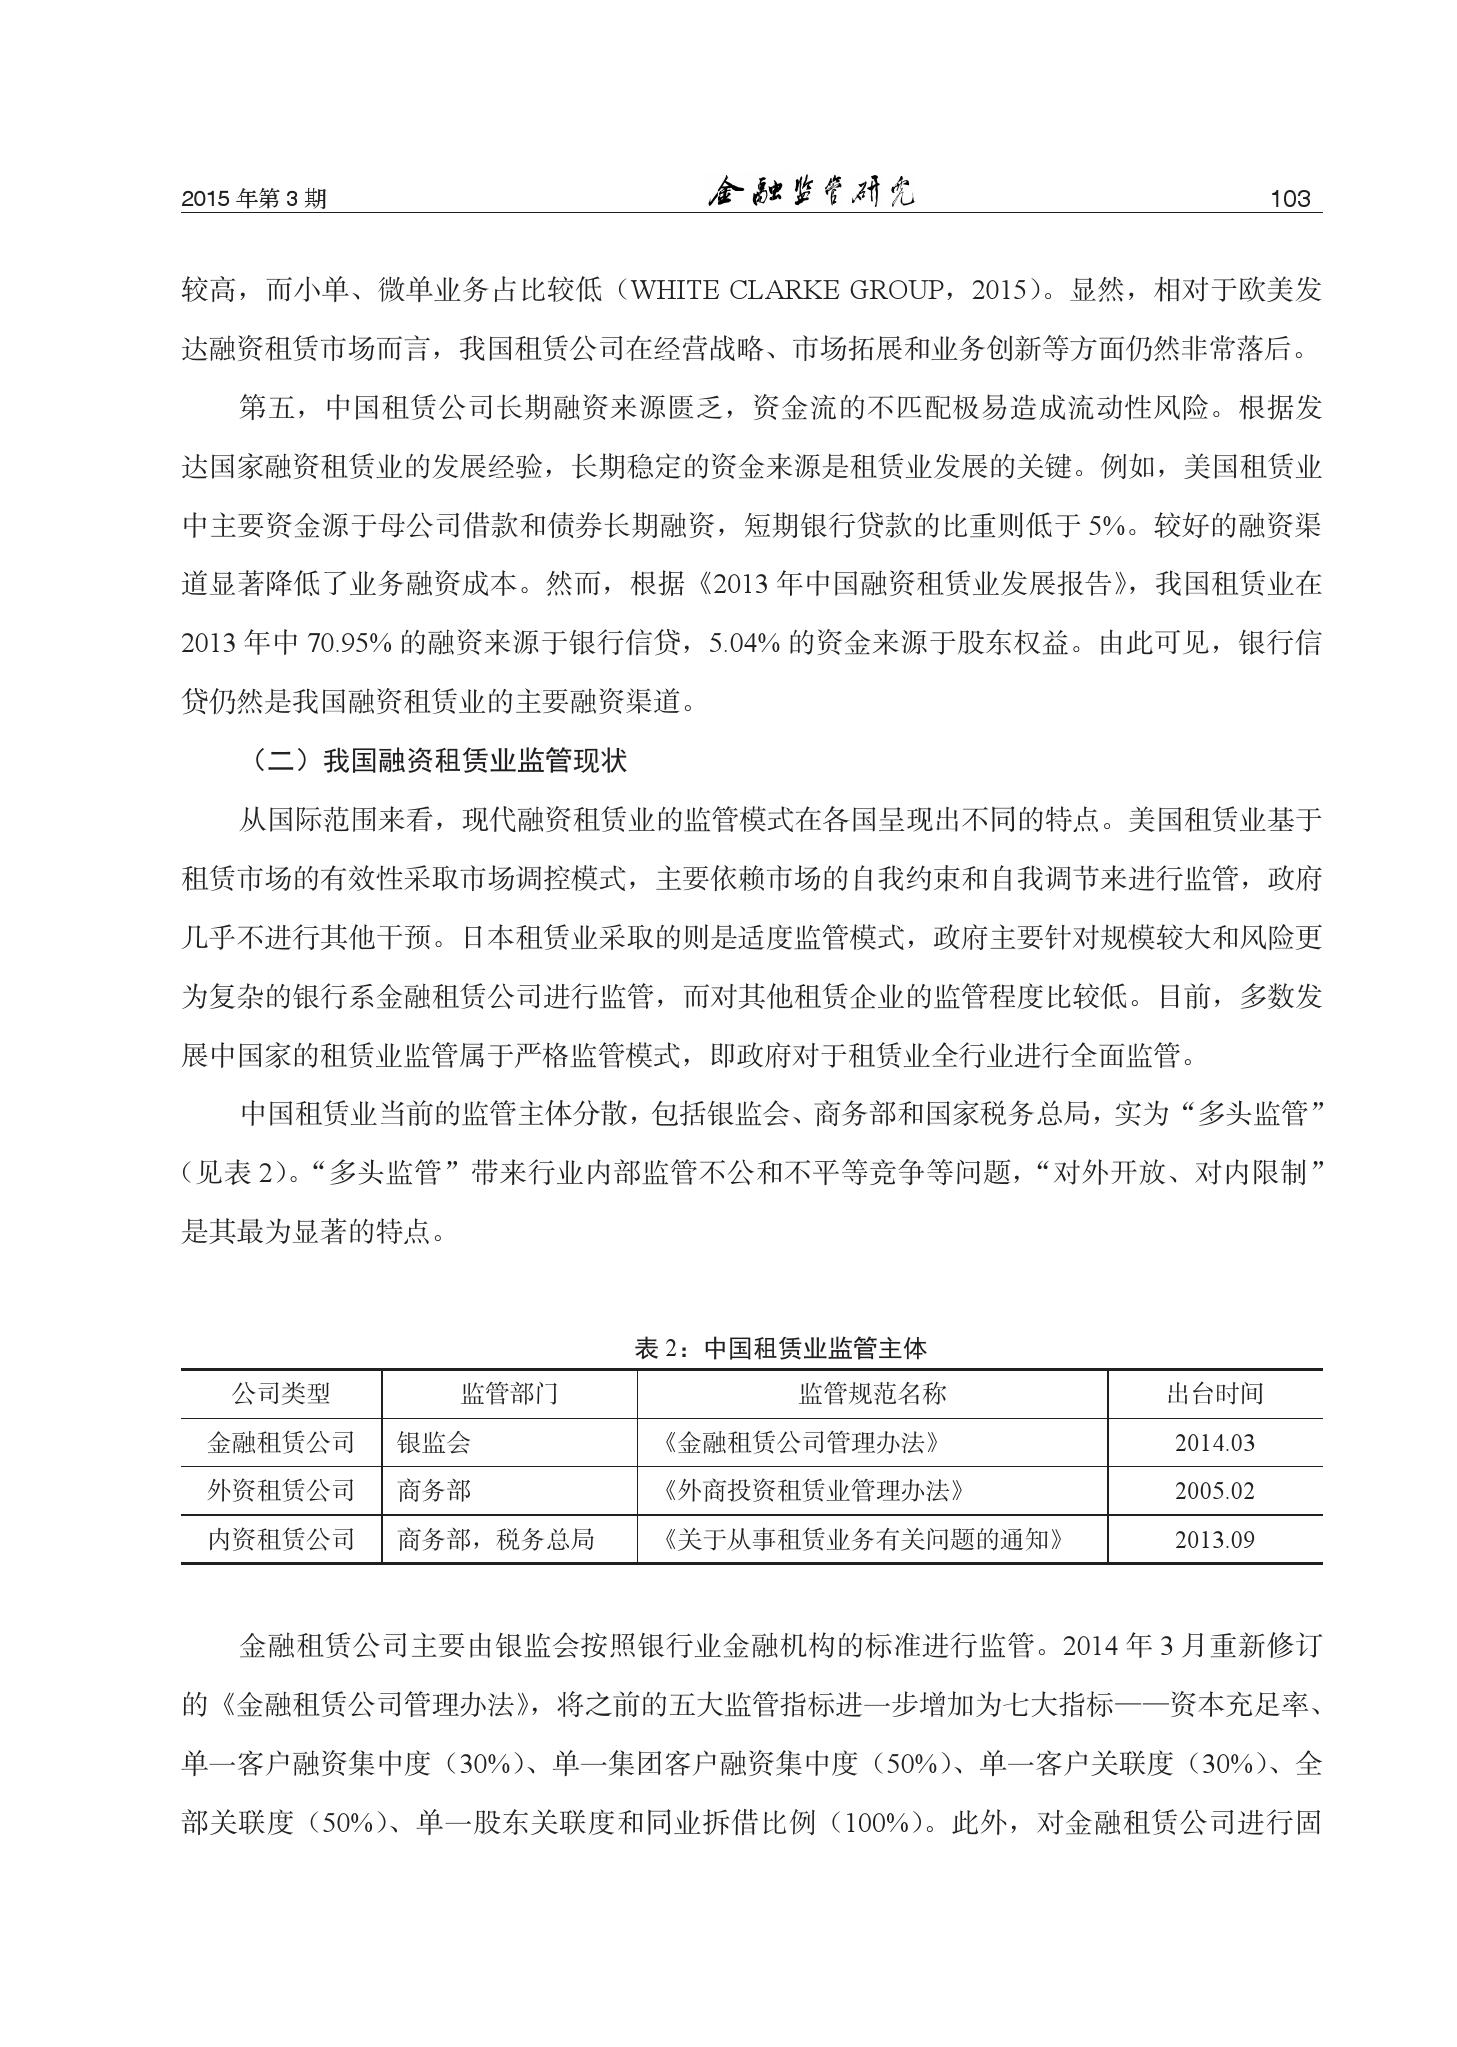 我国融资租赁业风险与监管研究_000005